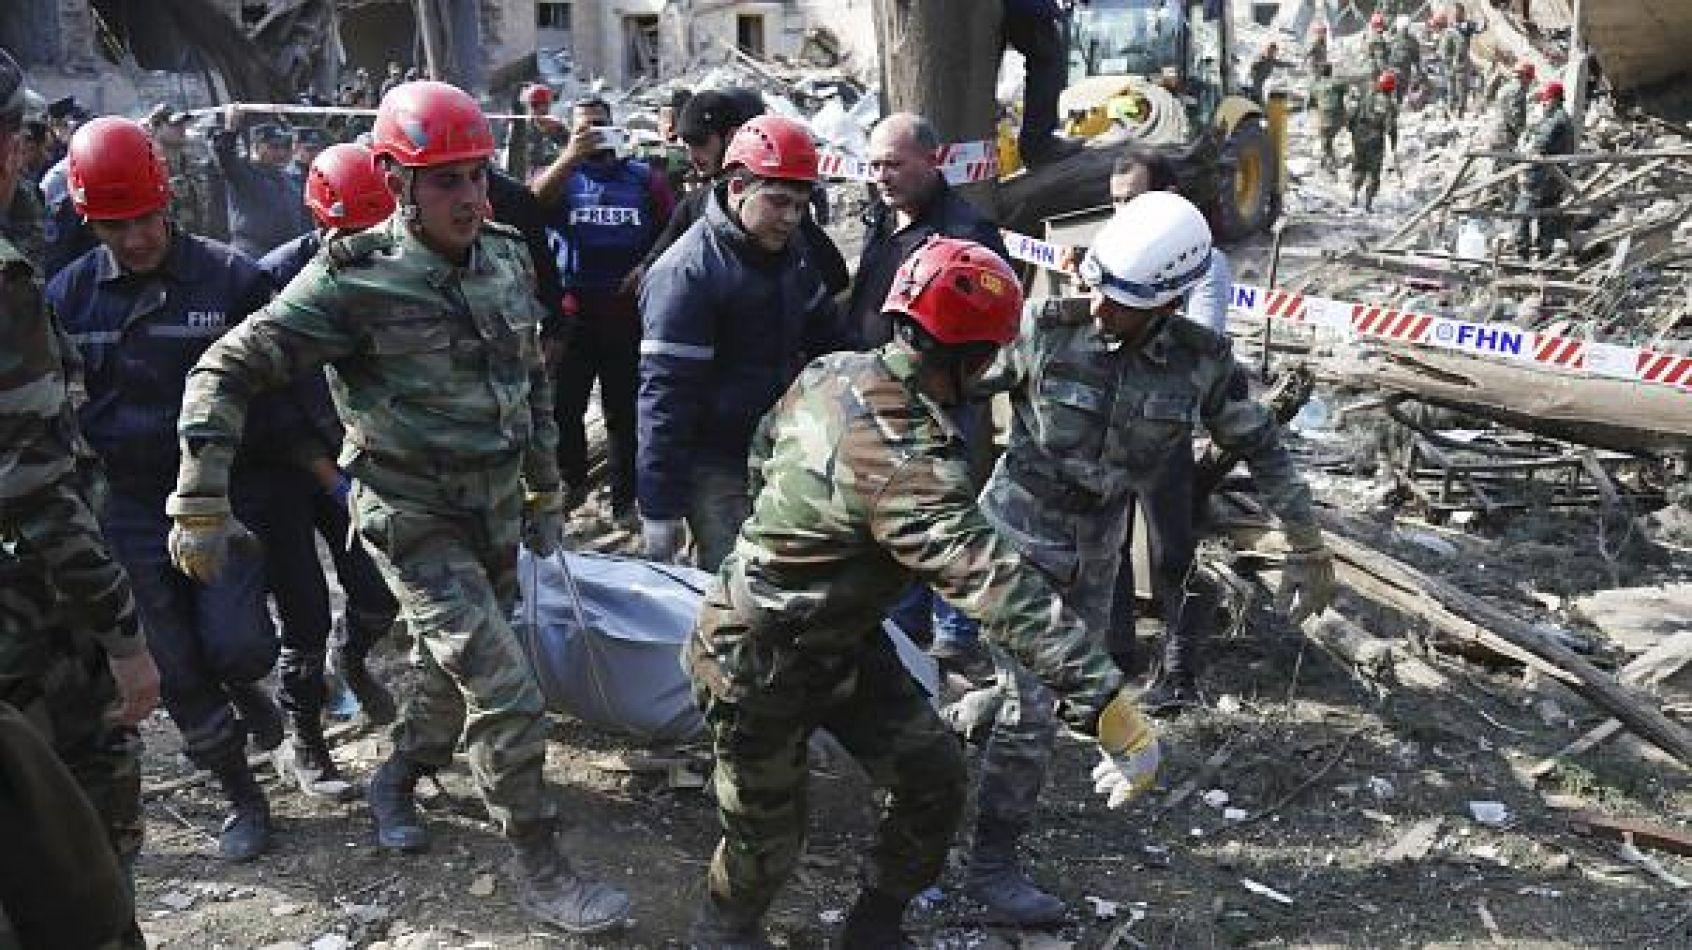 Decenas de rescatistas trataban de encontrar supervivientes entre los escombros y reunían restos humanos en bolsas mortuorias negras.